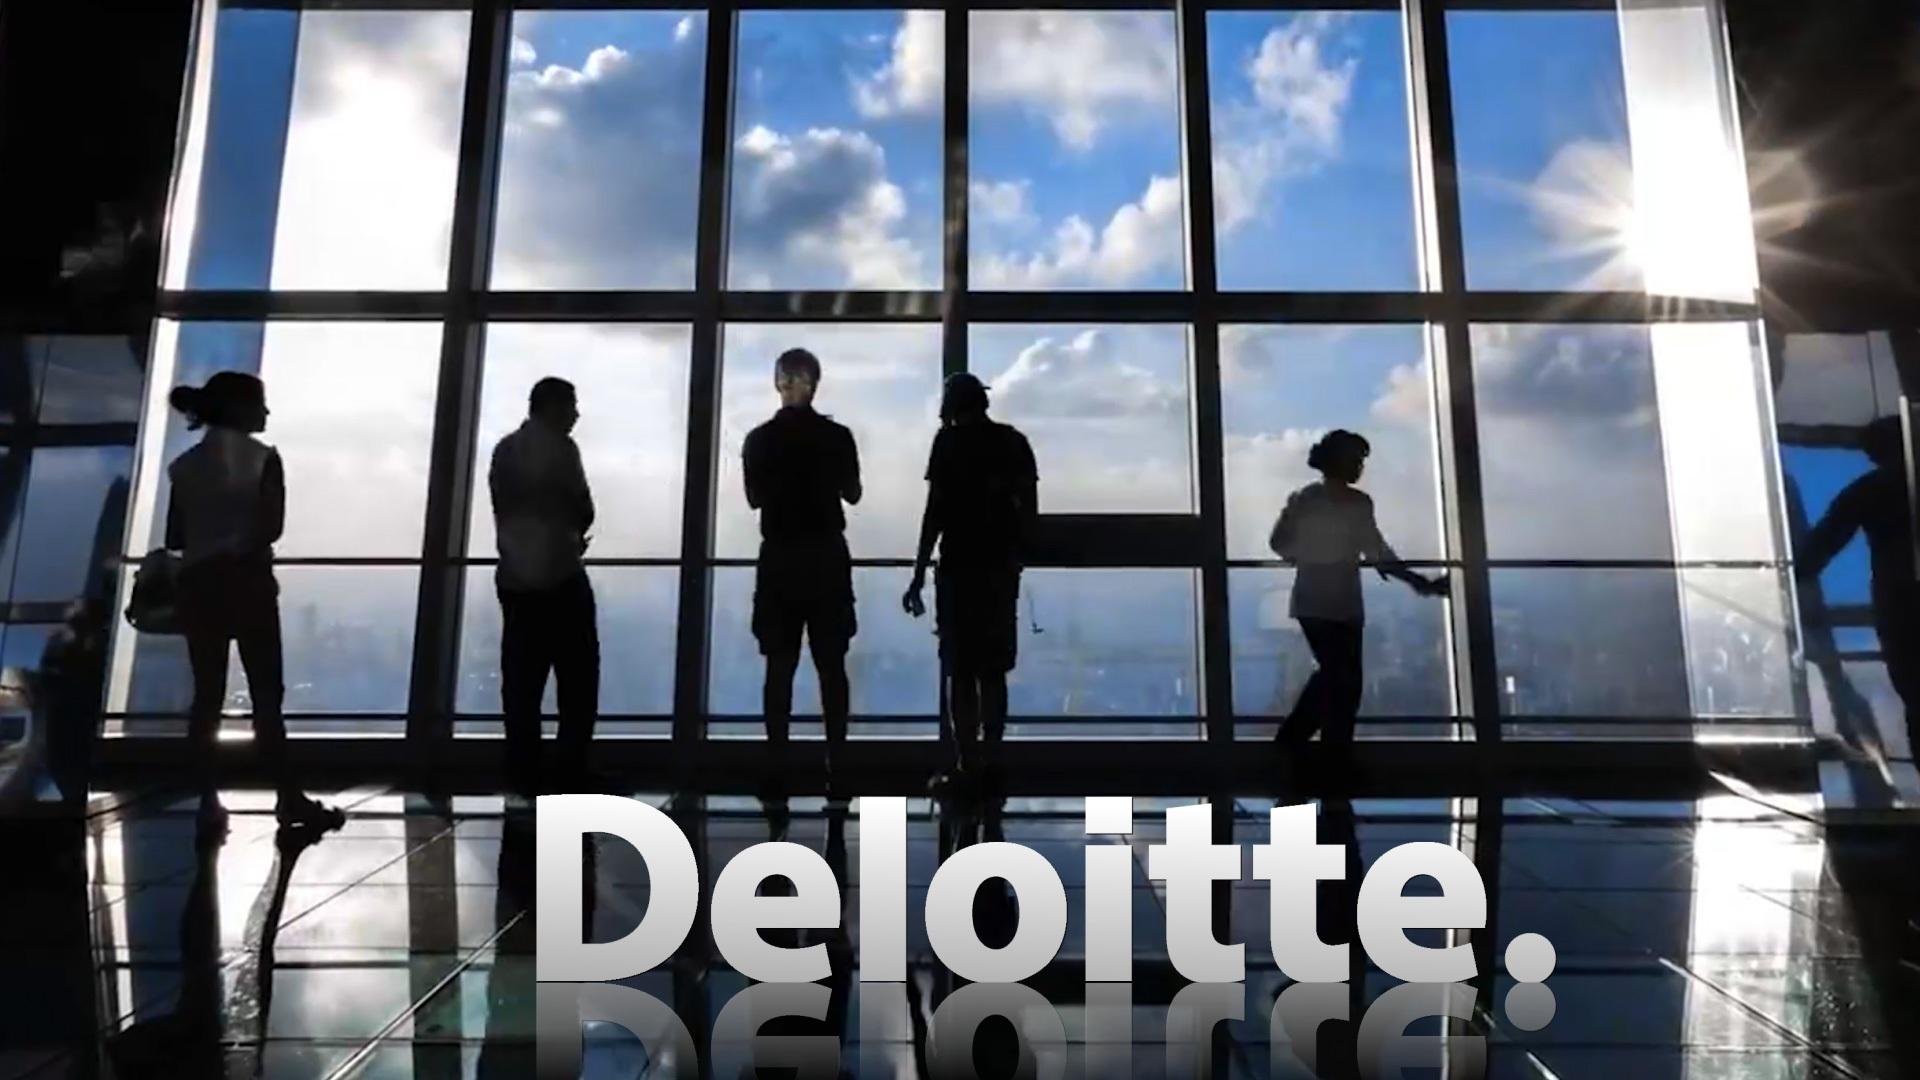 Отчёт Deloitte: неменее 26 тыс. биткоин проектов начаты вследующем году